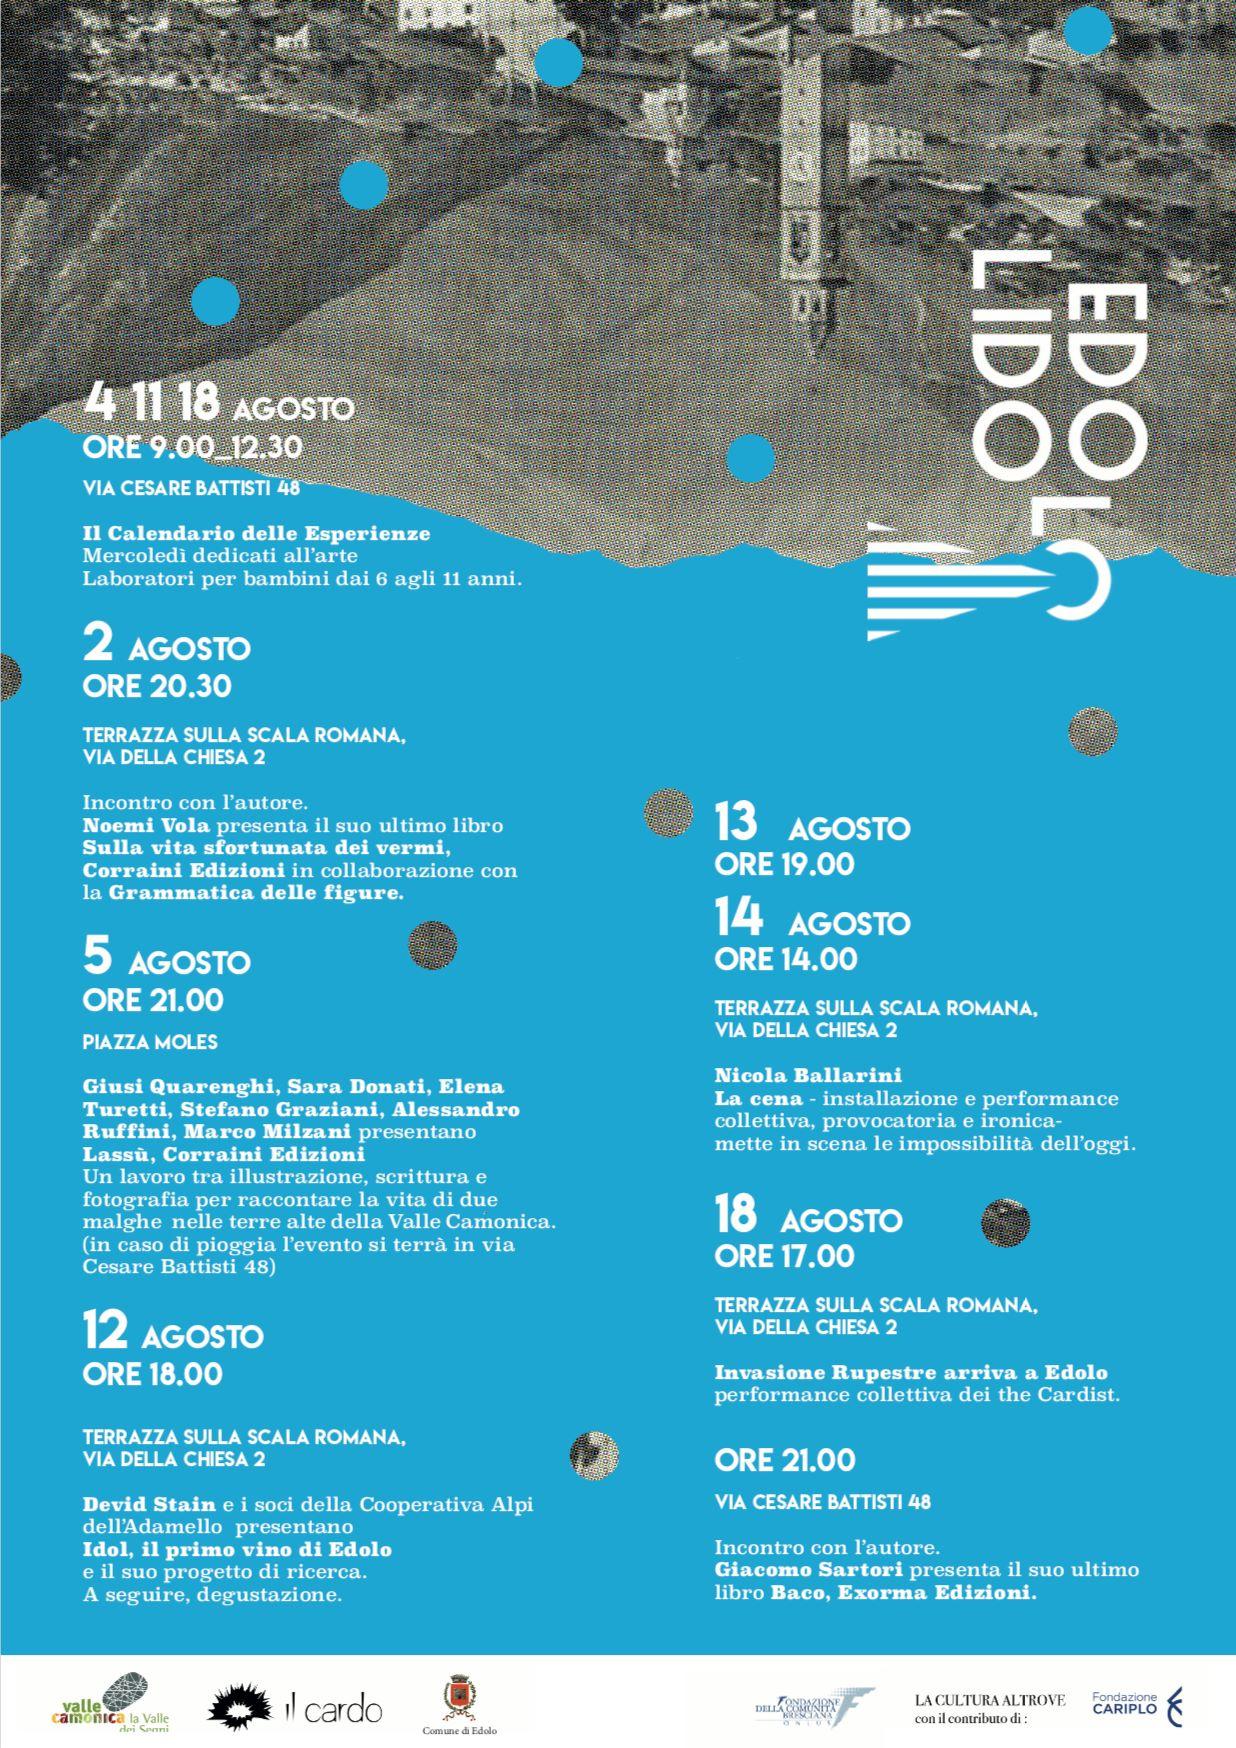 Programma iniziative EDOLO LIDO - La cultura altrove